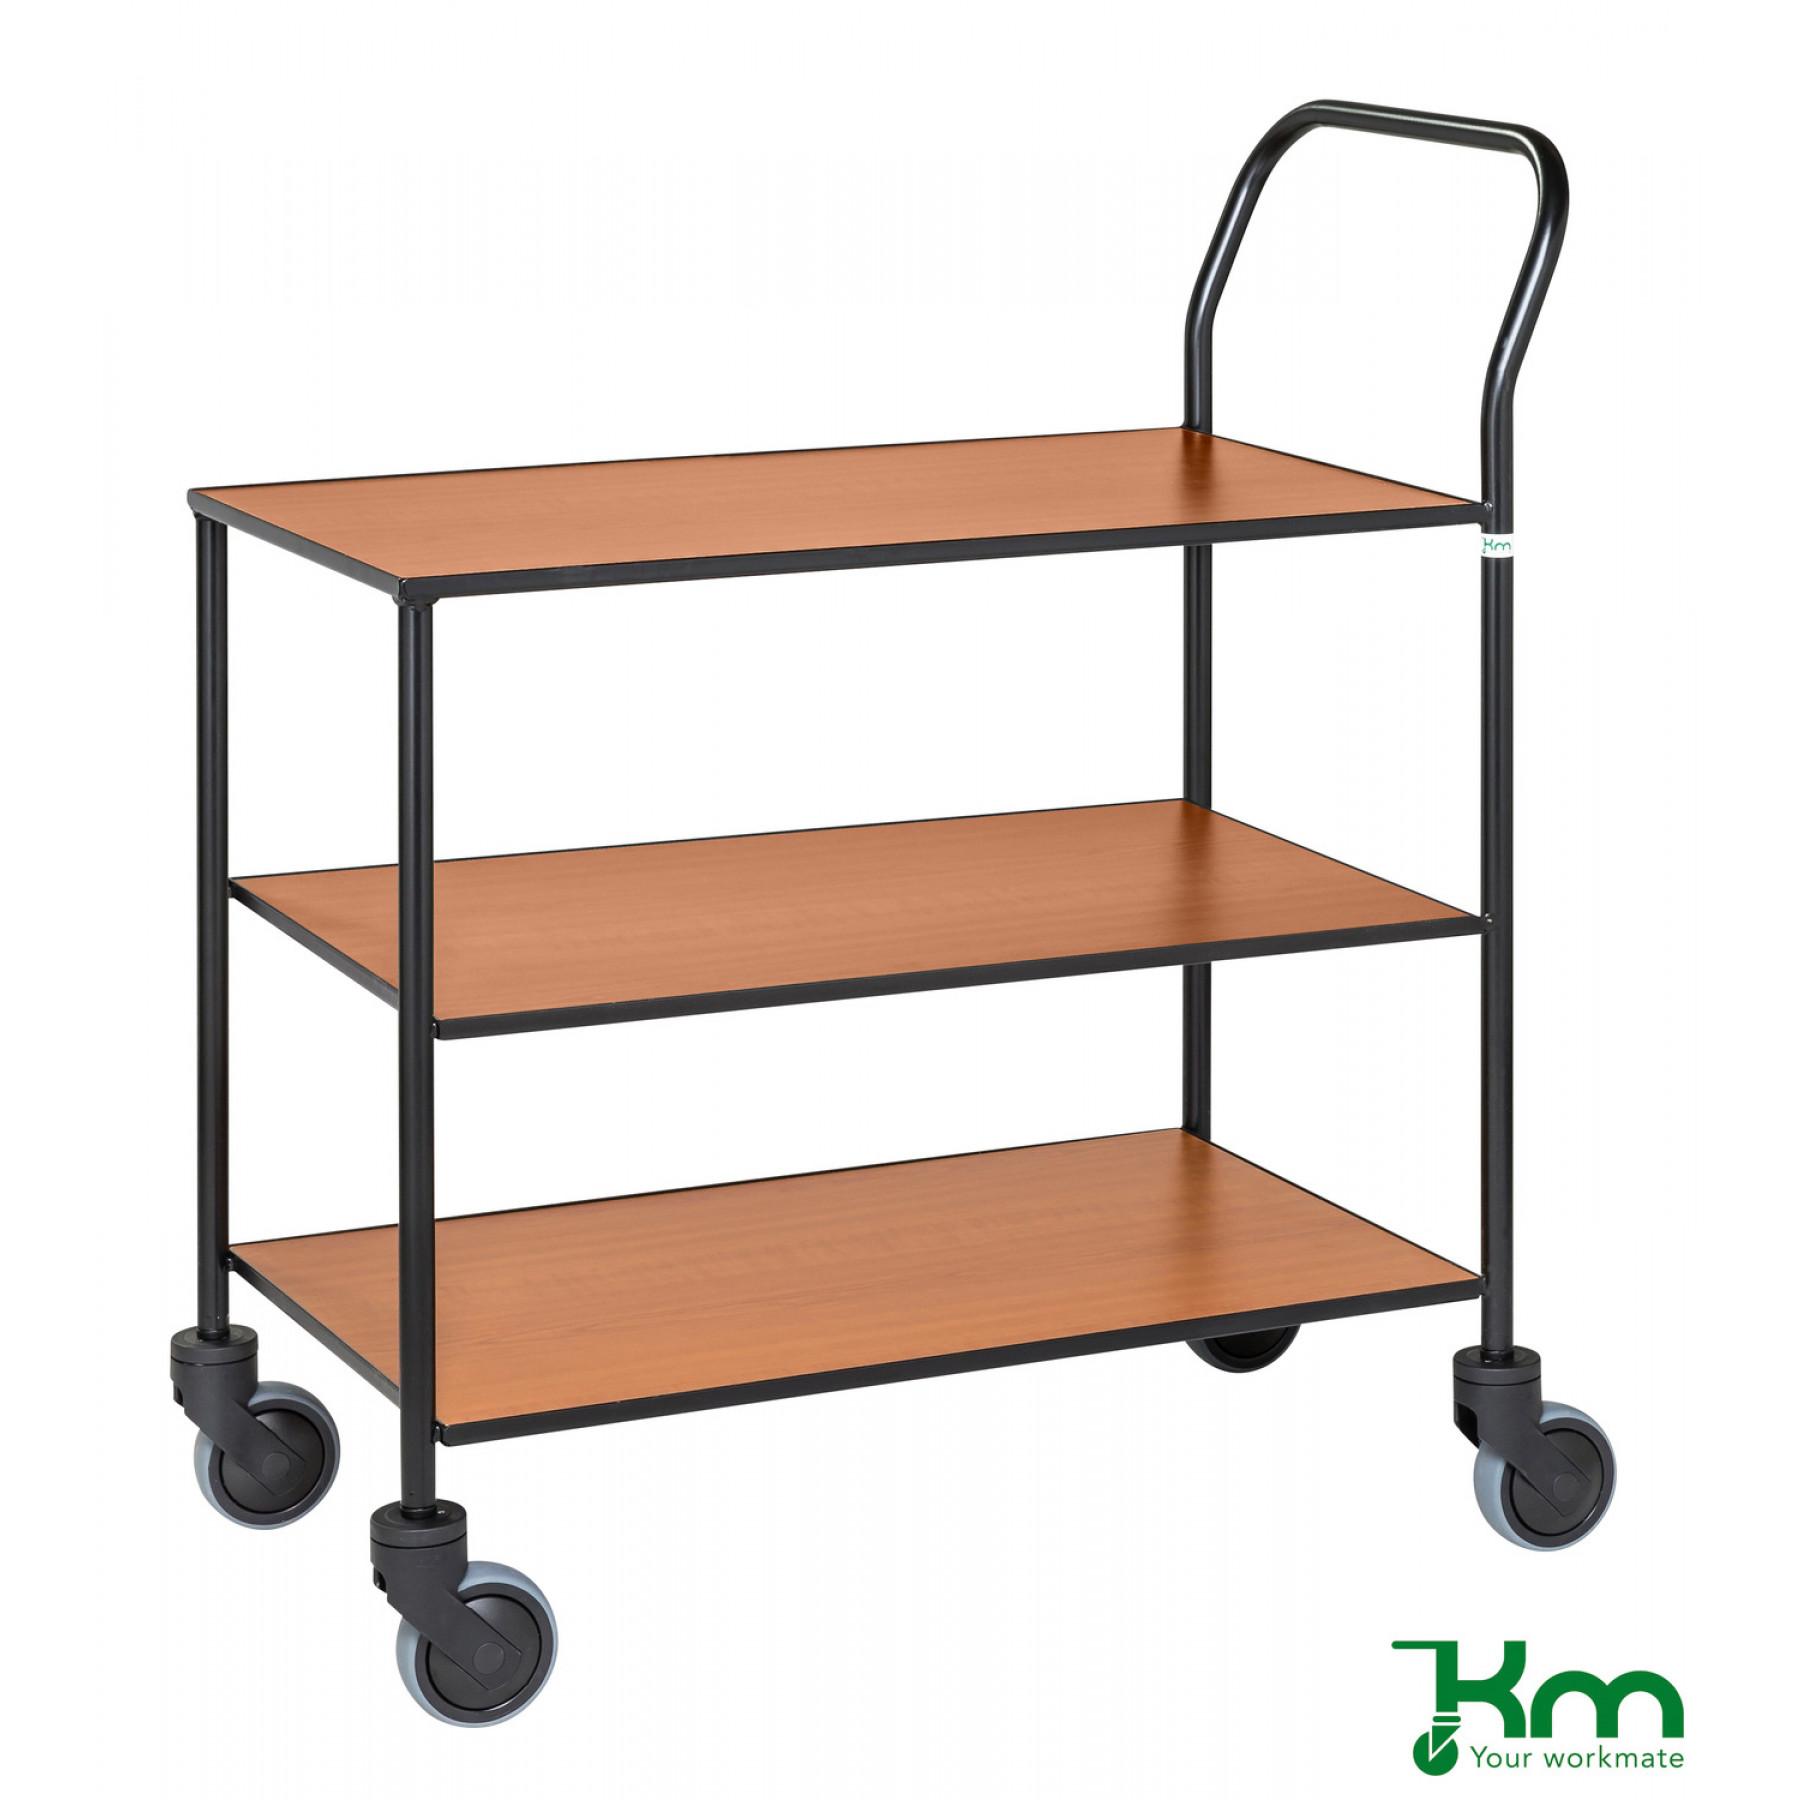 Design tafelwagen met kersenstructuur toplaag, KM 873-KO